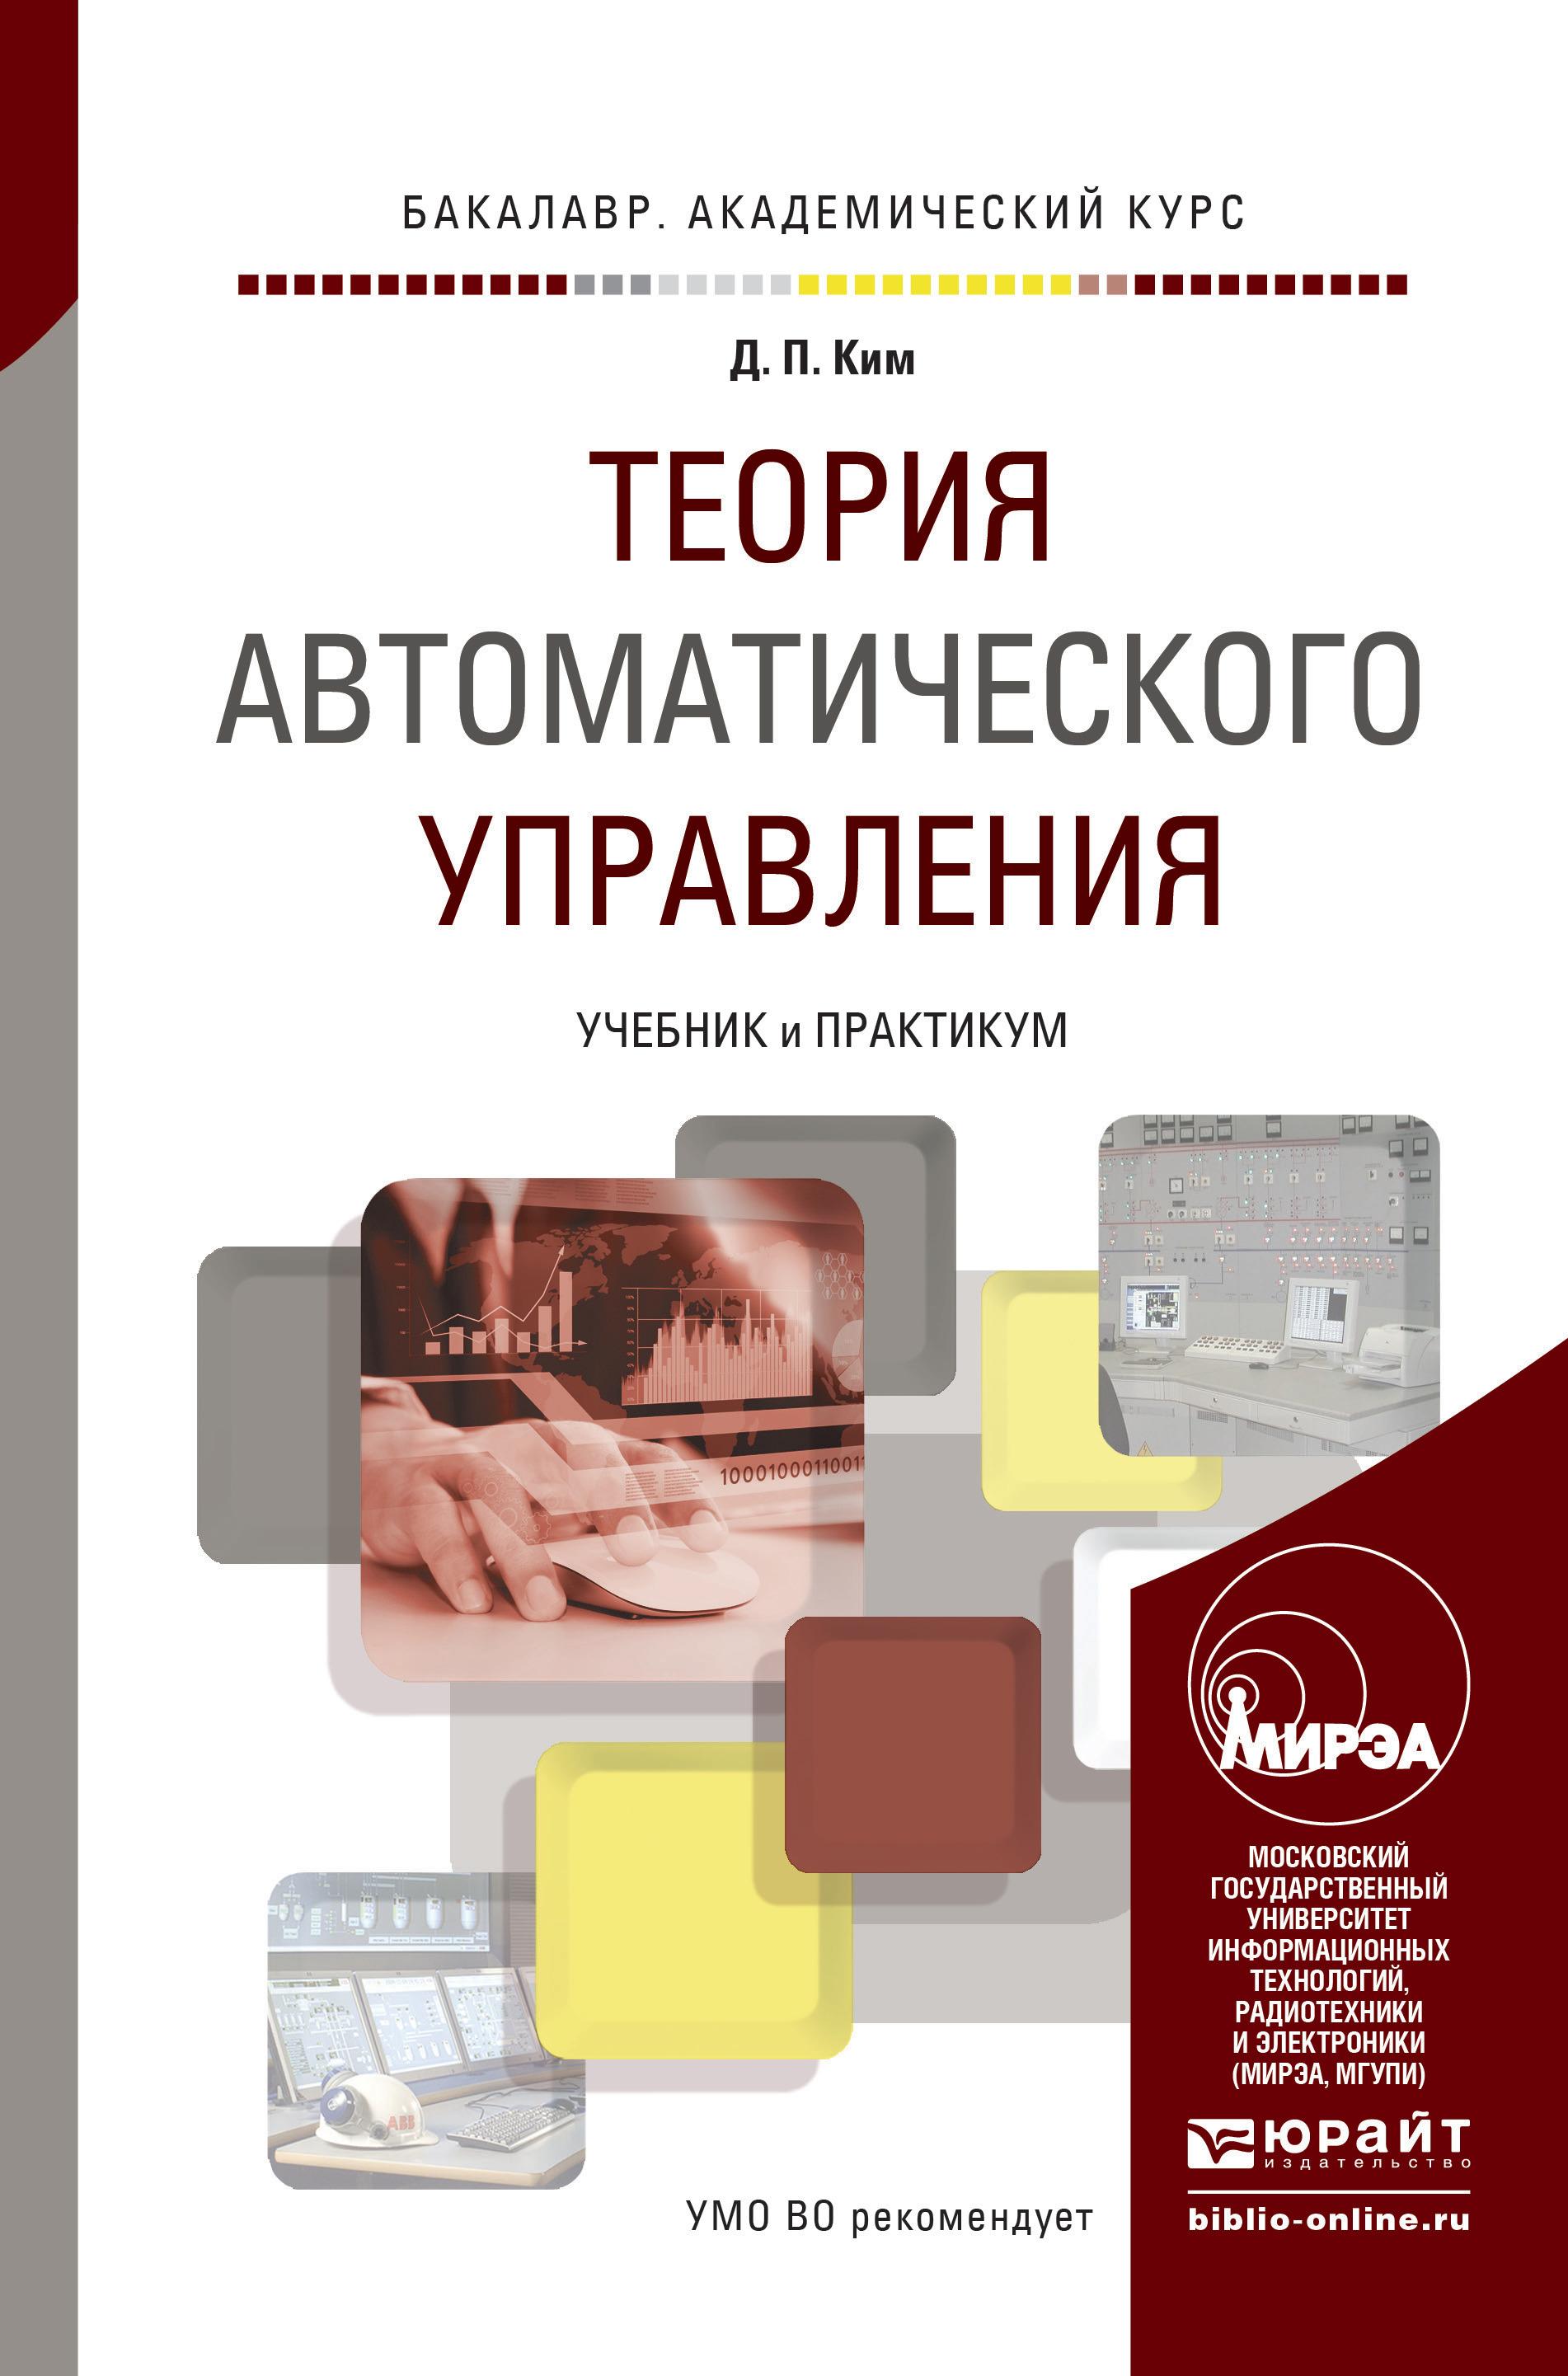 Теория автоматического управления. Учебник и практикум для академического бакалавриата